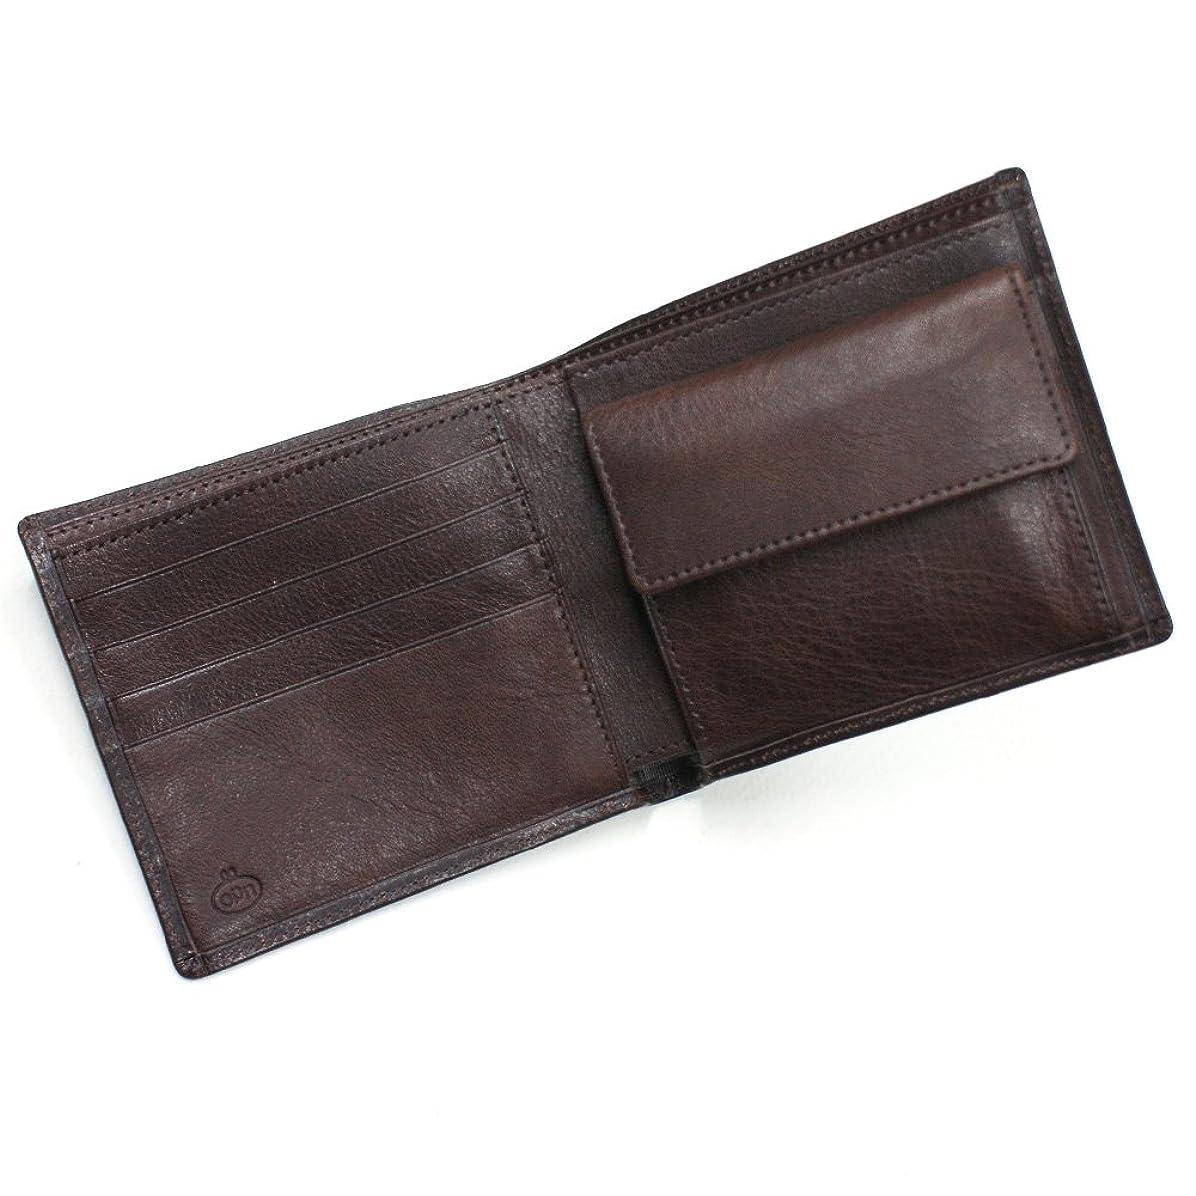 適用済み七面鳥傾くCWL1014-CHOCO 牛ヌメ革二つ折り財布:小銭入れ付:チョコ